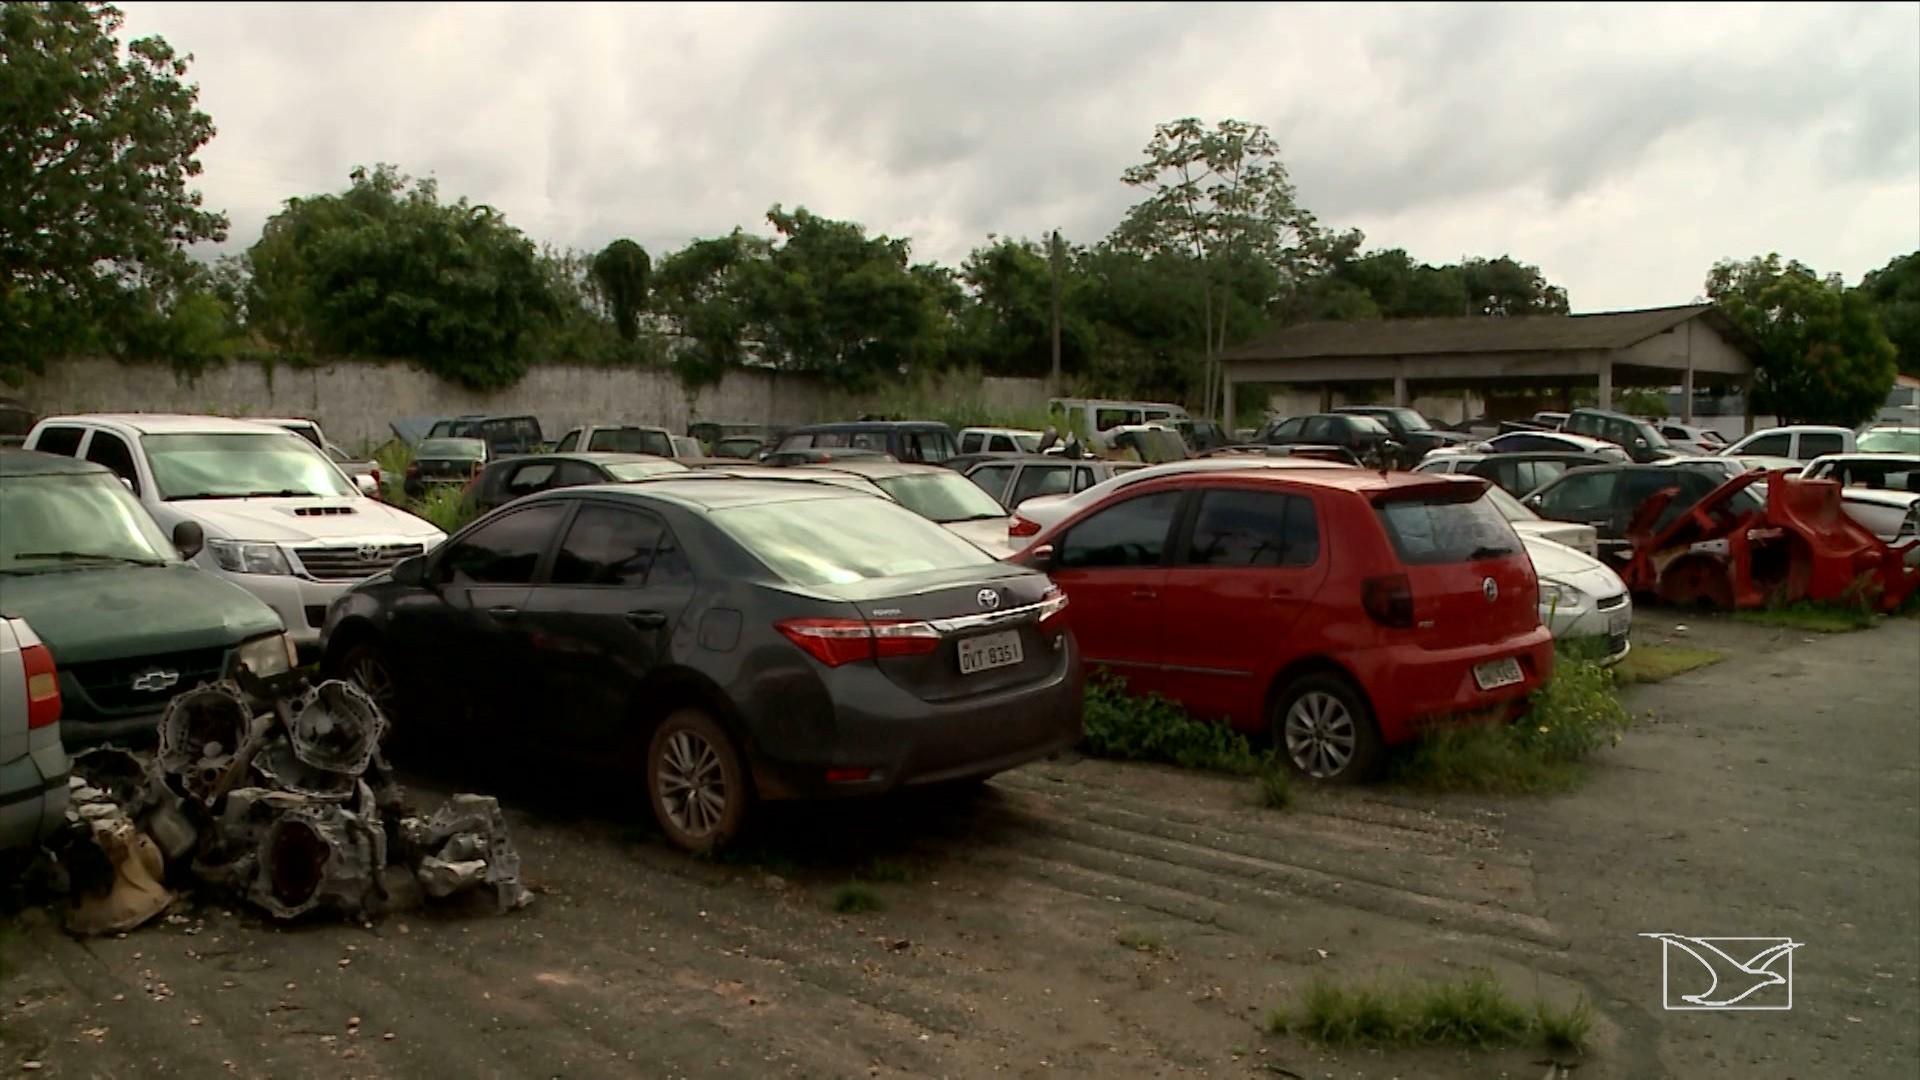 Veículos apreendidos pela polícia viram sucata na delegacia regional de Imperatriz